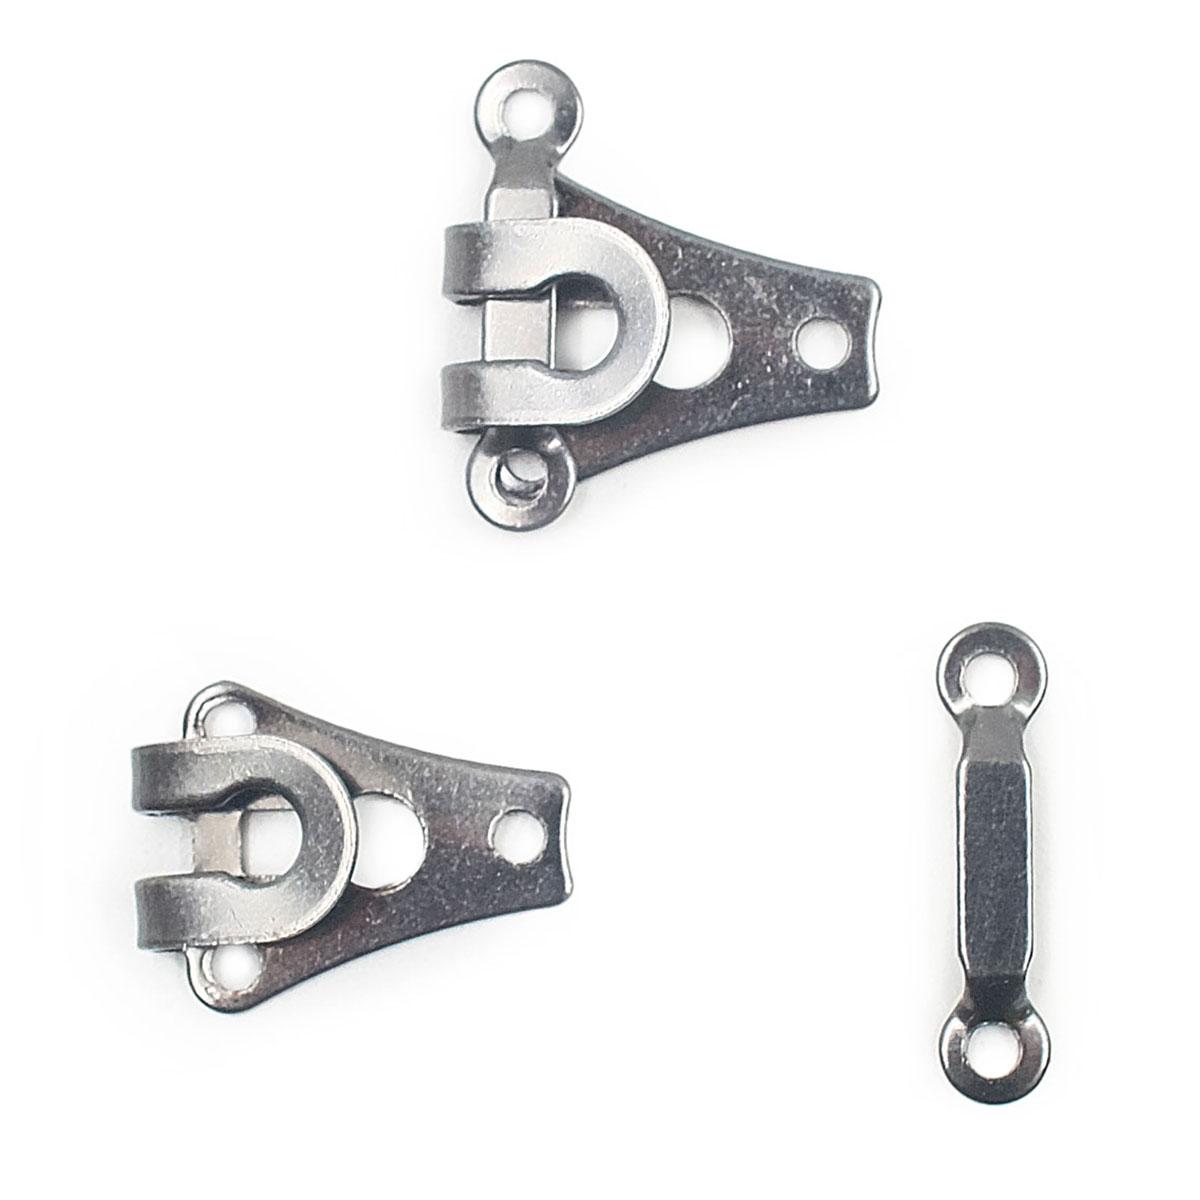 265223 Крючок для брюк и юбок с дугой (сталь) черный цв. 9 мм Prym